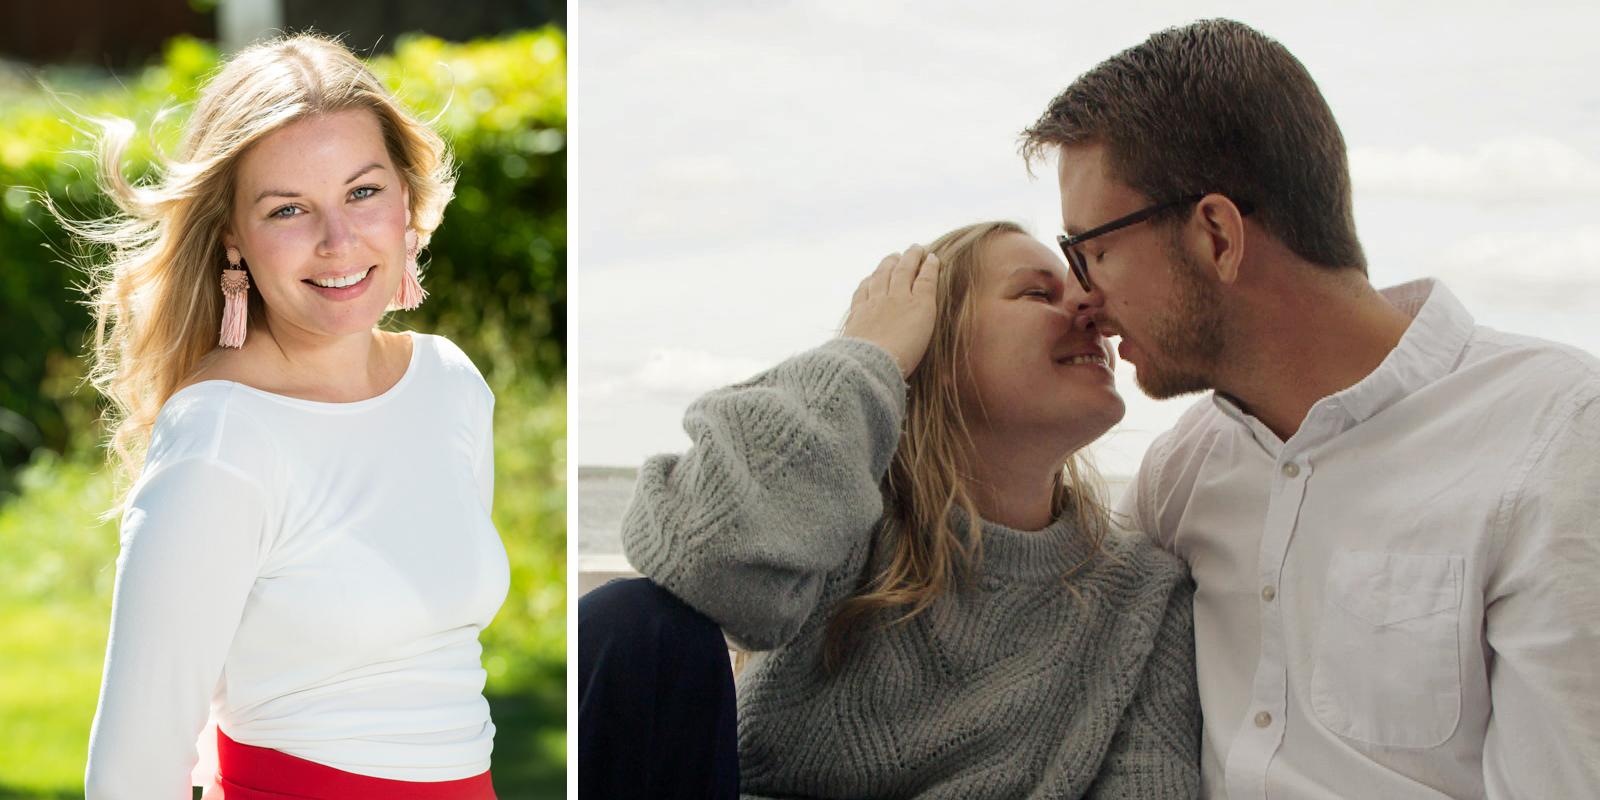 gifta sig efter att ha dejt i 2 månader Gratis Dating Parkes NSW